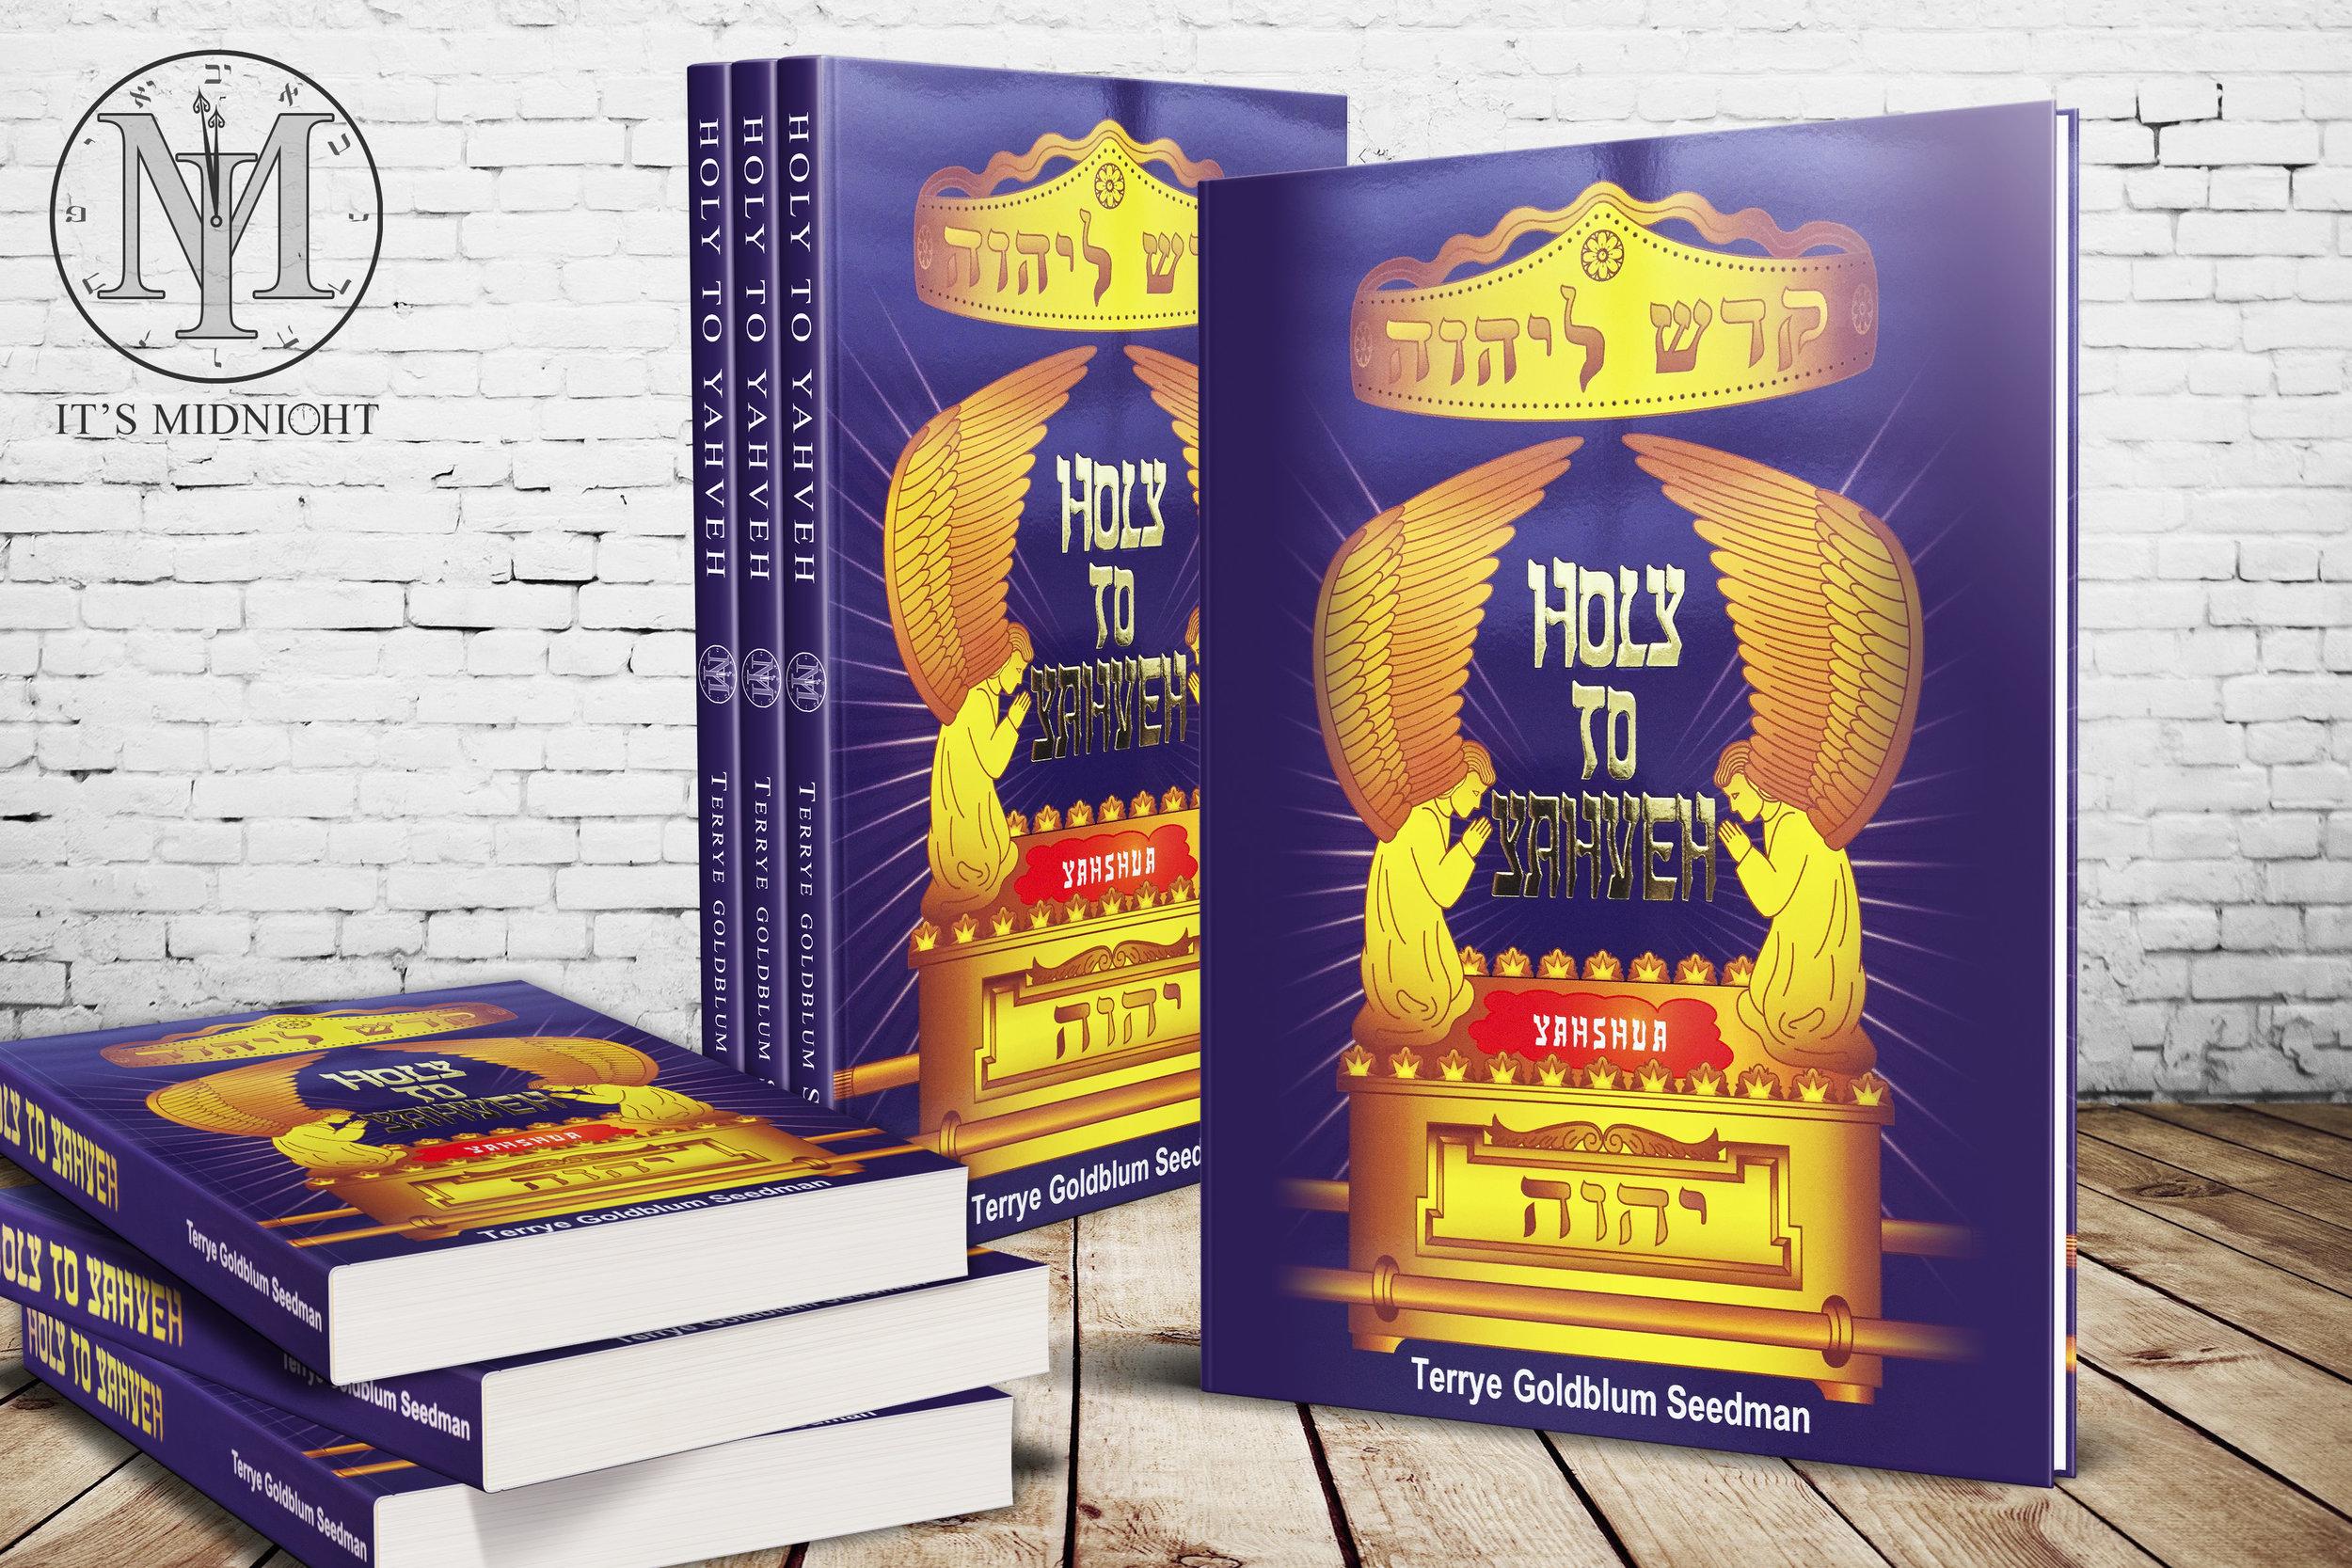 Holy to Yahveh Bundle Package - Terrye Goldblum Seedman.jpg